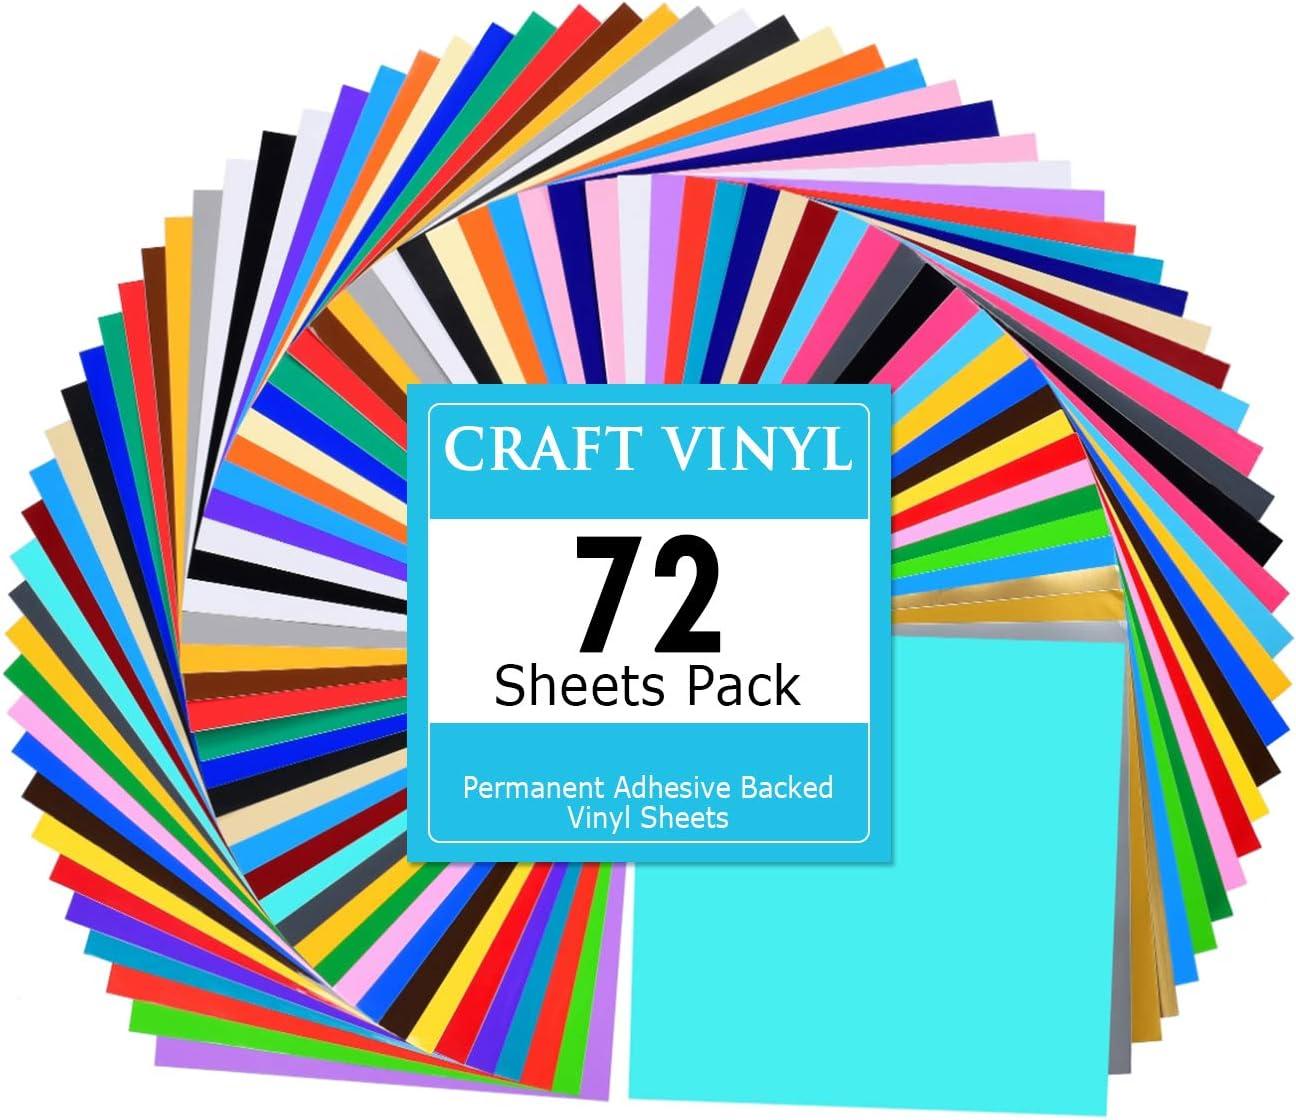 Lya Vinyl 72 hojas de vinilo adhesivo permanente de colores diferentes, 12 x 12 pulgadas con 2 papeles de transferencia para calcomanía decorativa, corte en relieve, silueta de camuflaje, máquina cortadora de